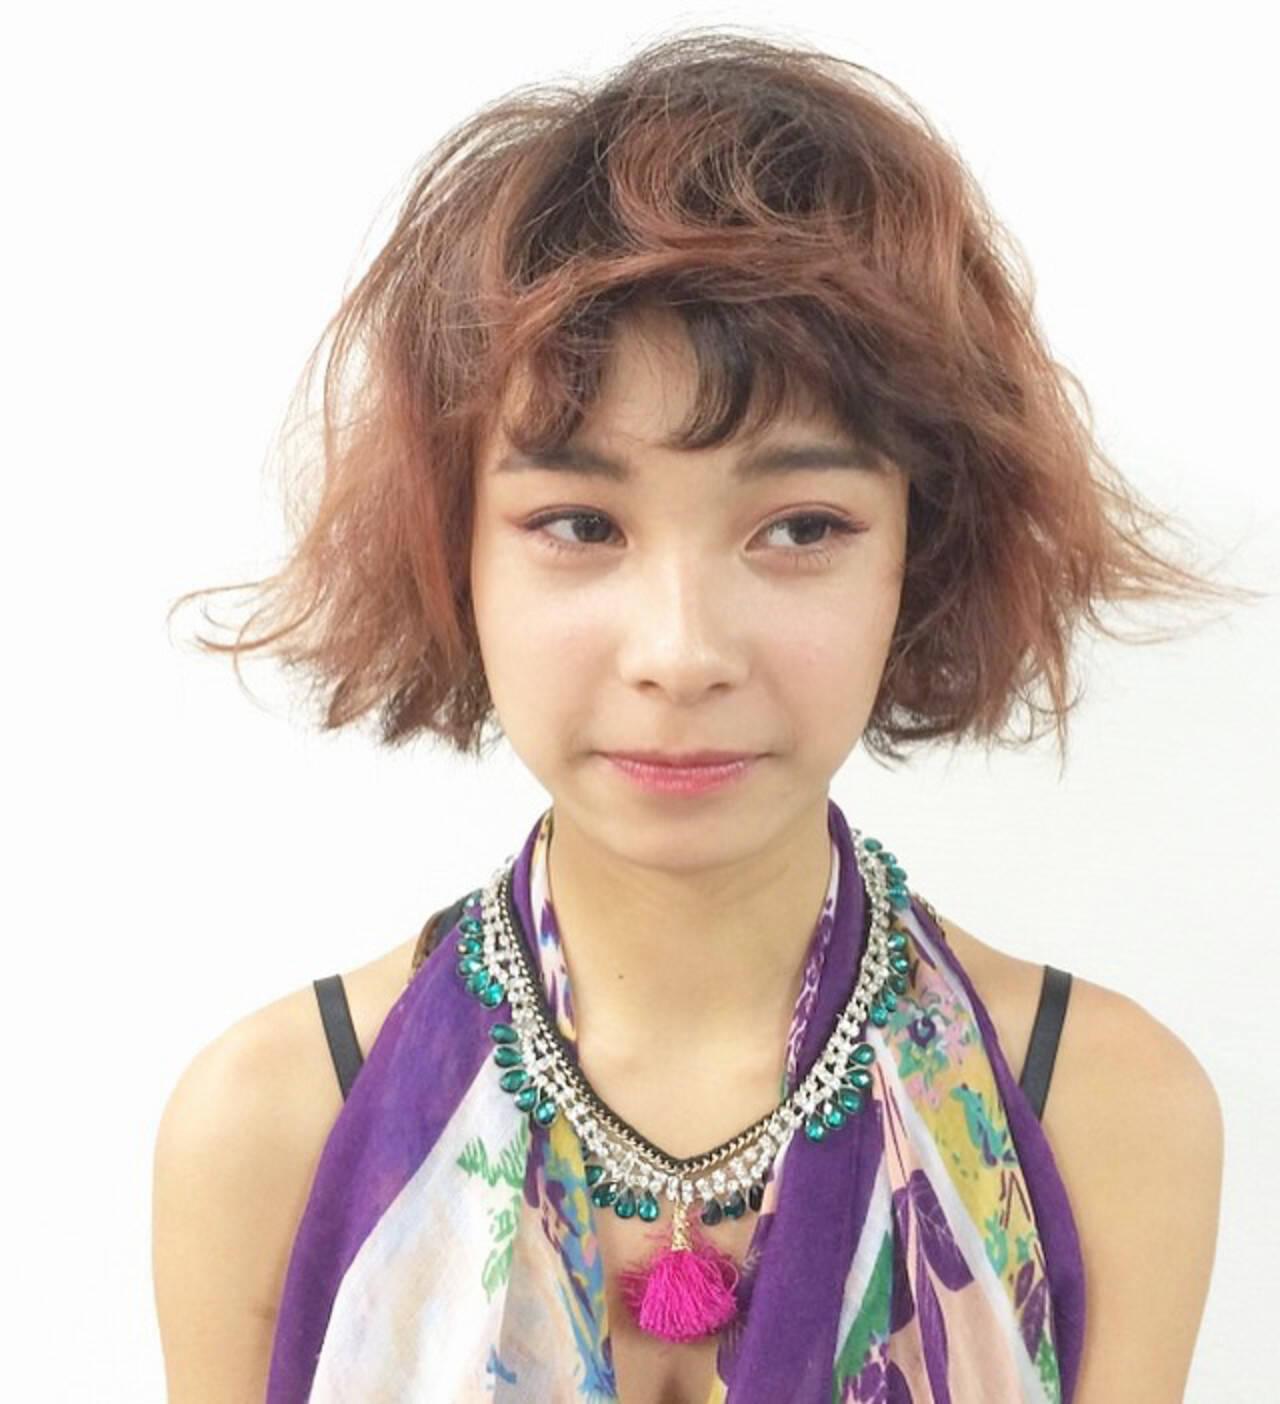 ショートバング パーマ ボブ セミウェットヘアスタイルや髪型の写真・画像